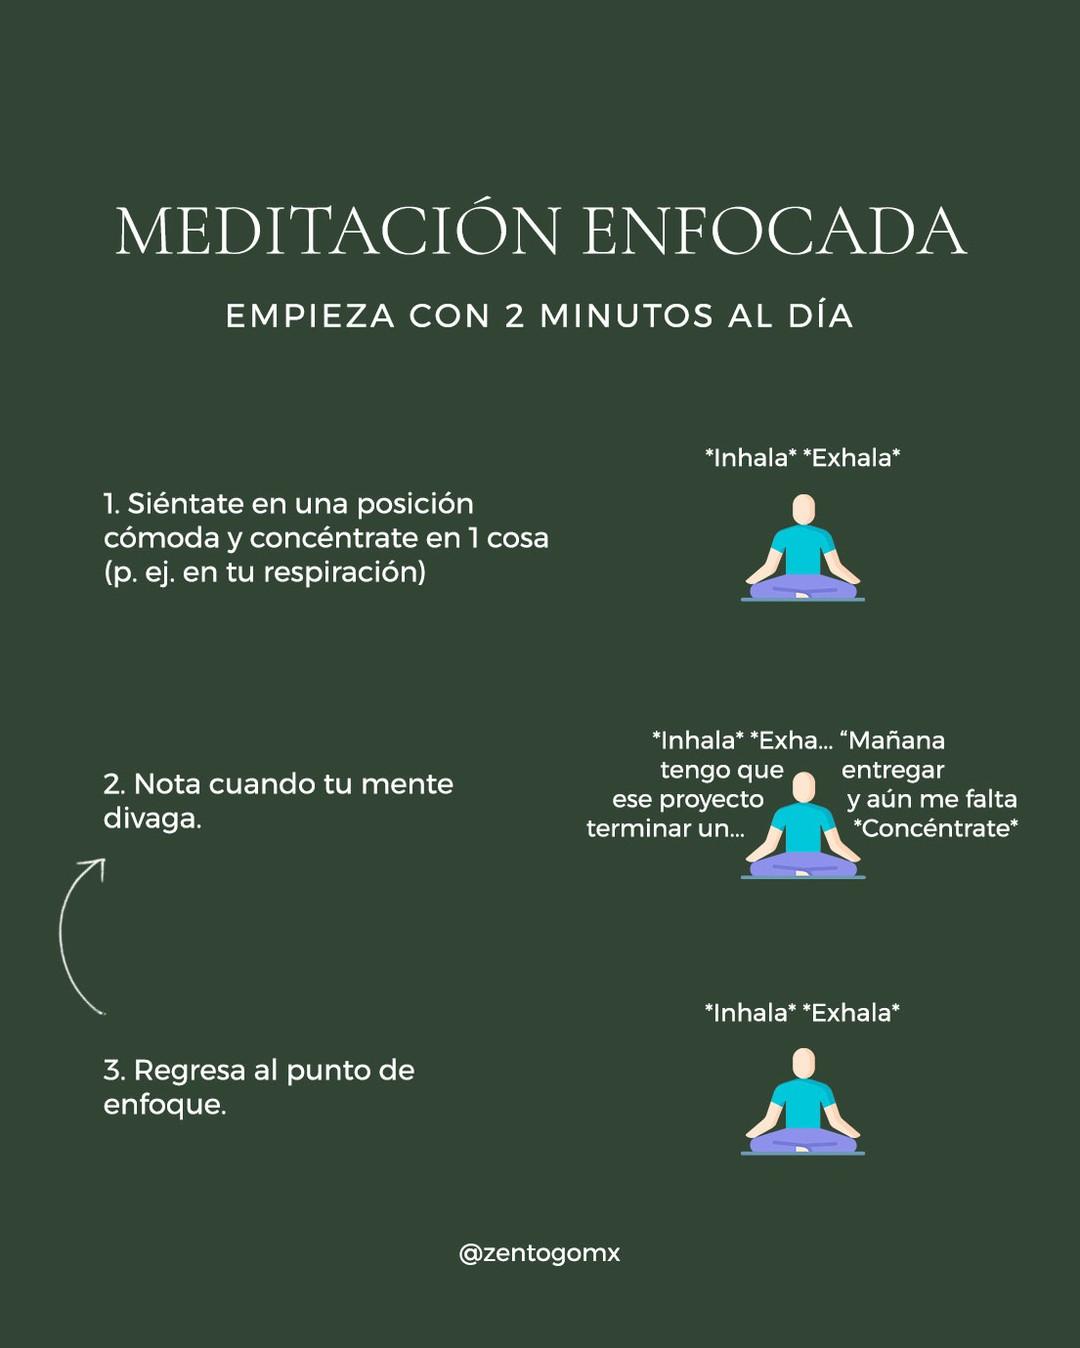 🧘🏻Si ya has intentado meditar pero has desistido, es muy probable que hayas querido comenzar con un tipo de meditación muy